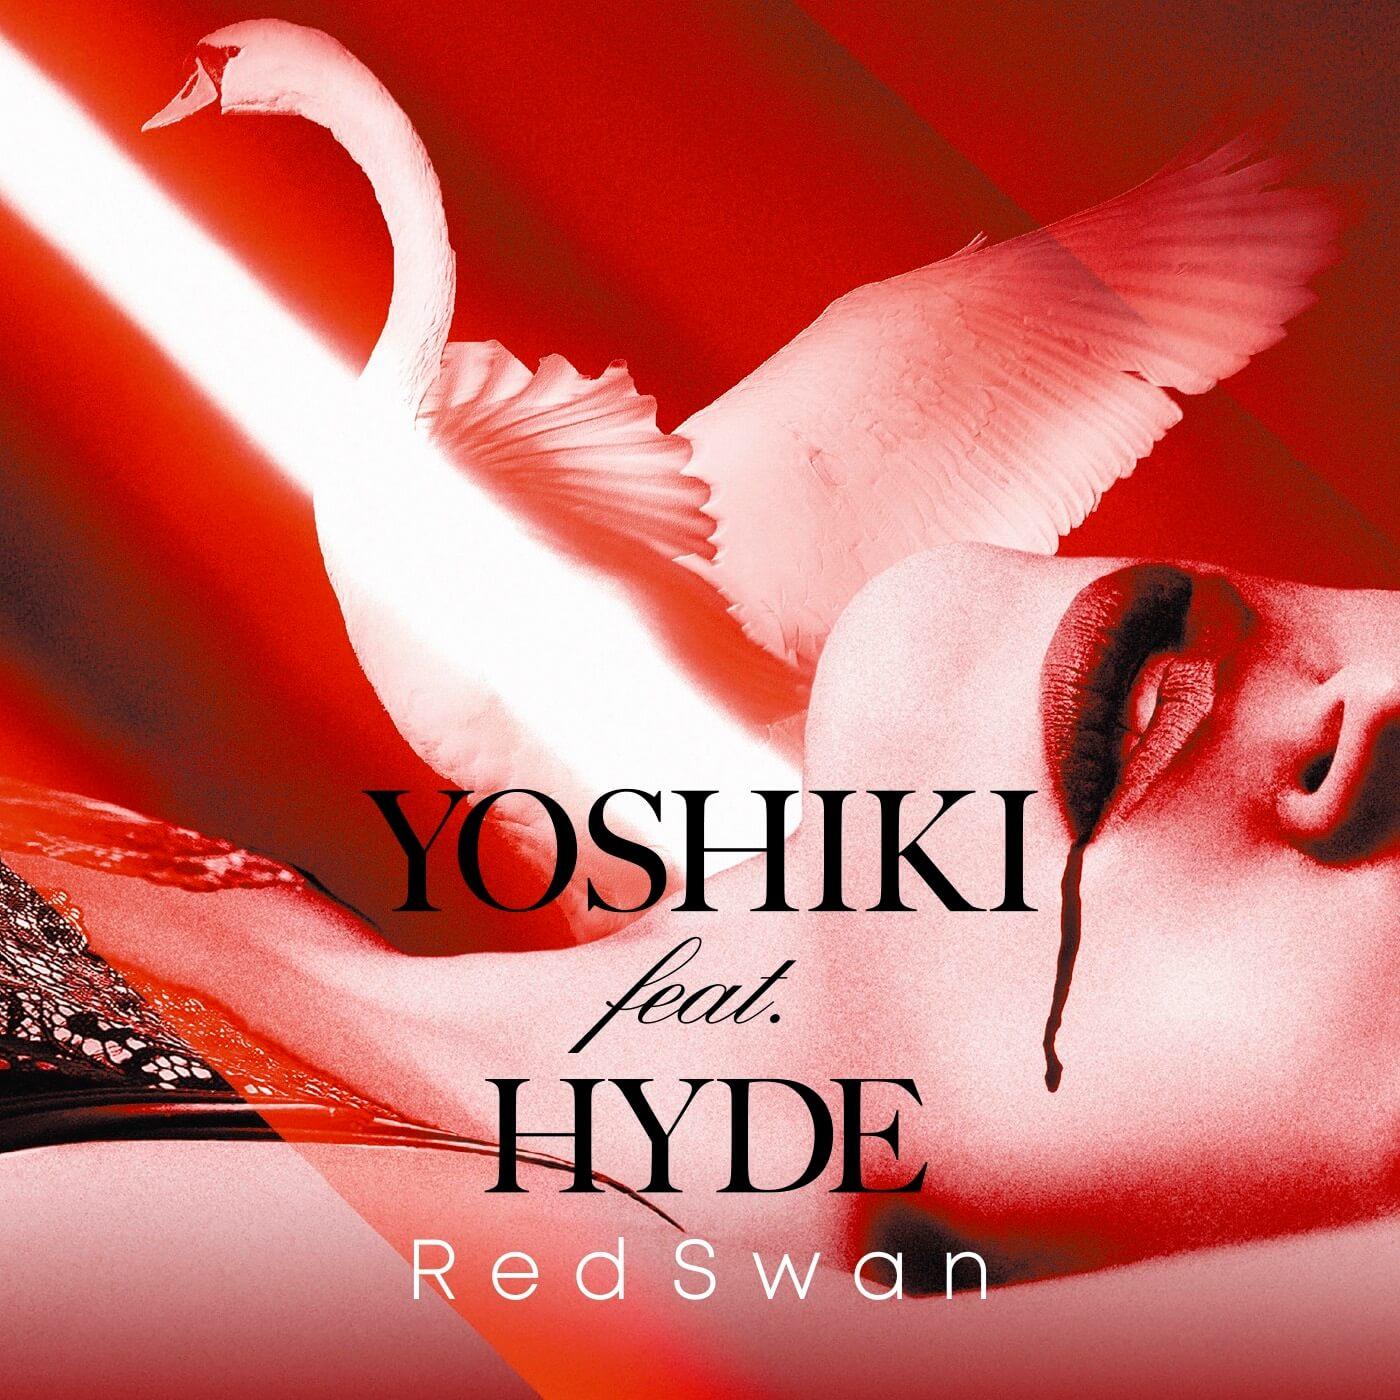 yoshiki_feat_hyde_artist_jkt-2